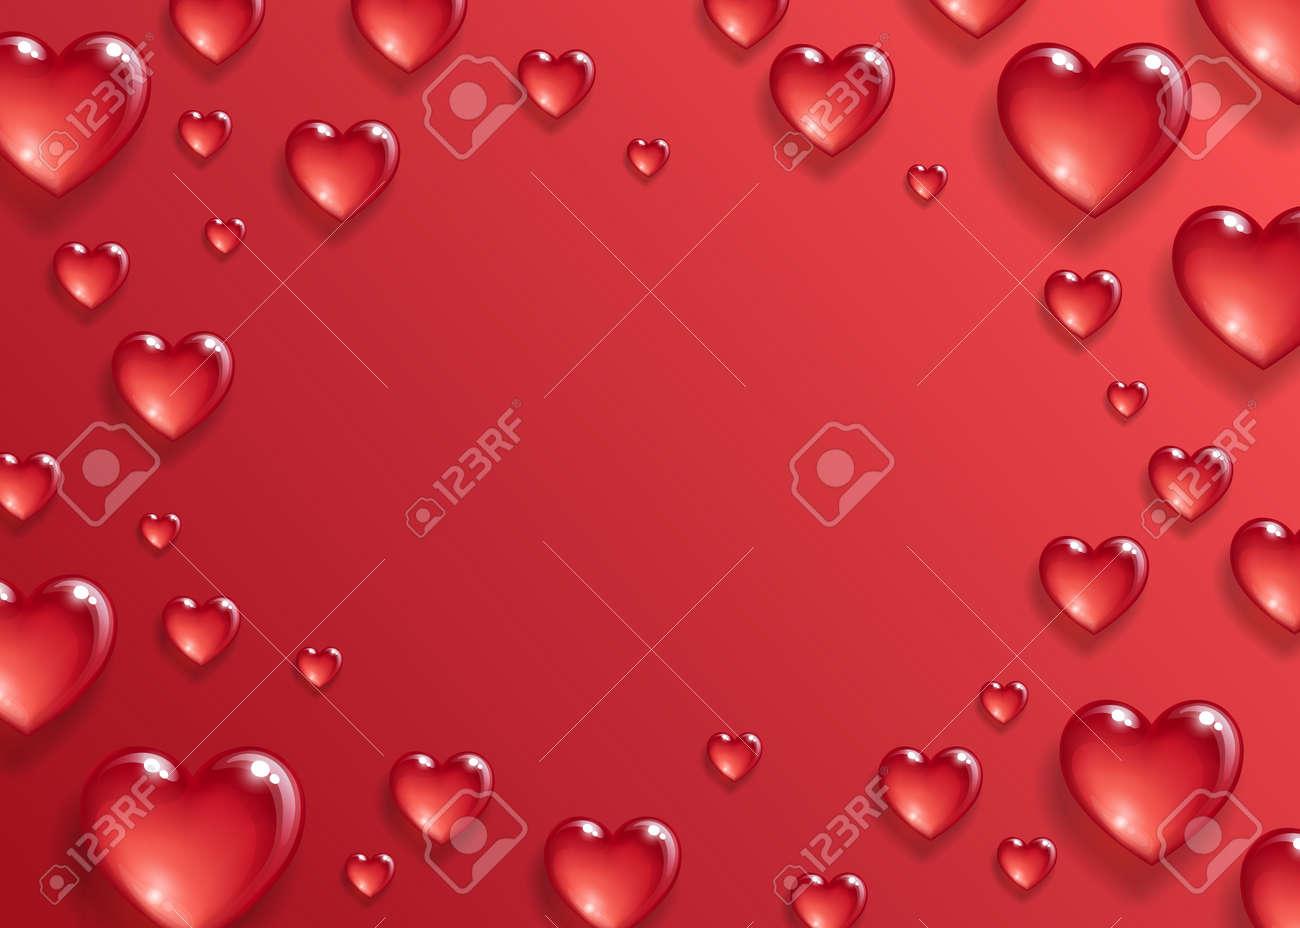 Valentines day background. - 93345311